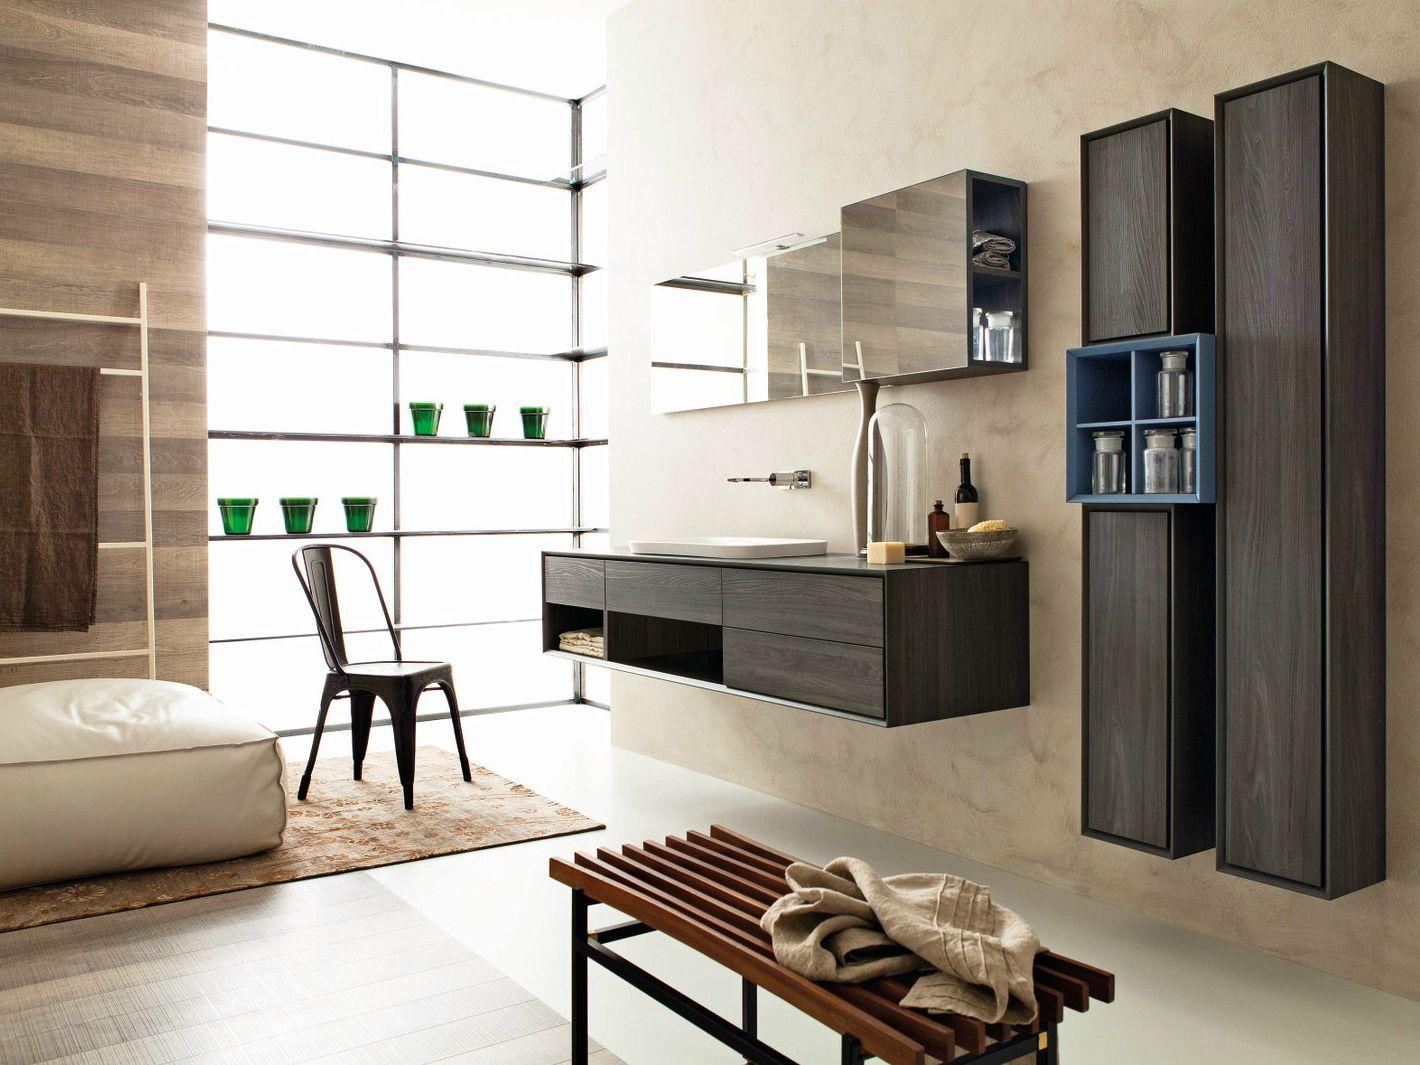 Arredo bagno completo libera 3d composizione l02 by - Novello mobili bagno ...